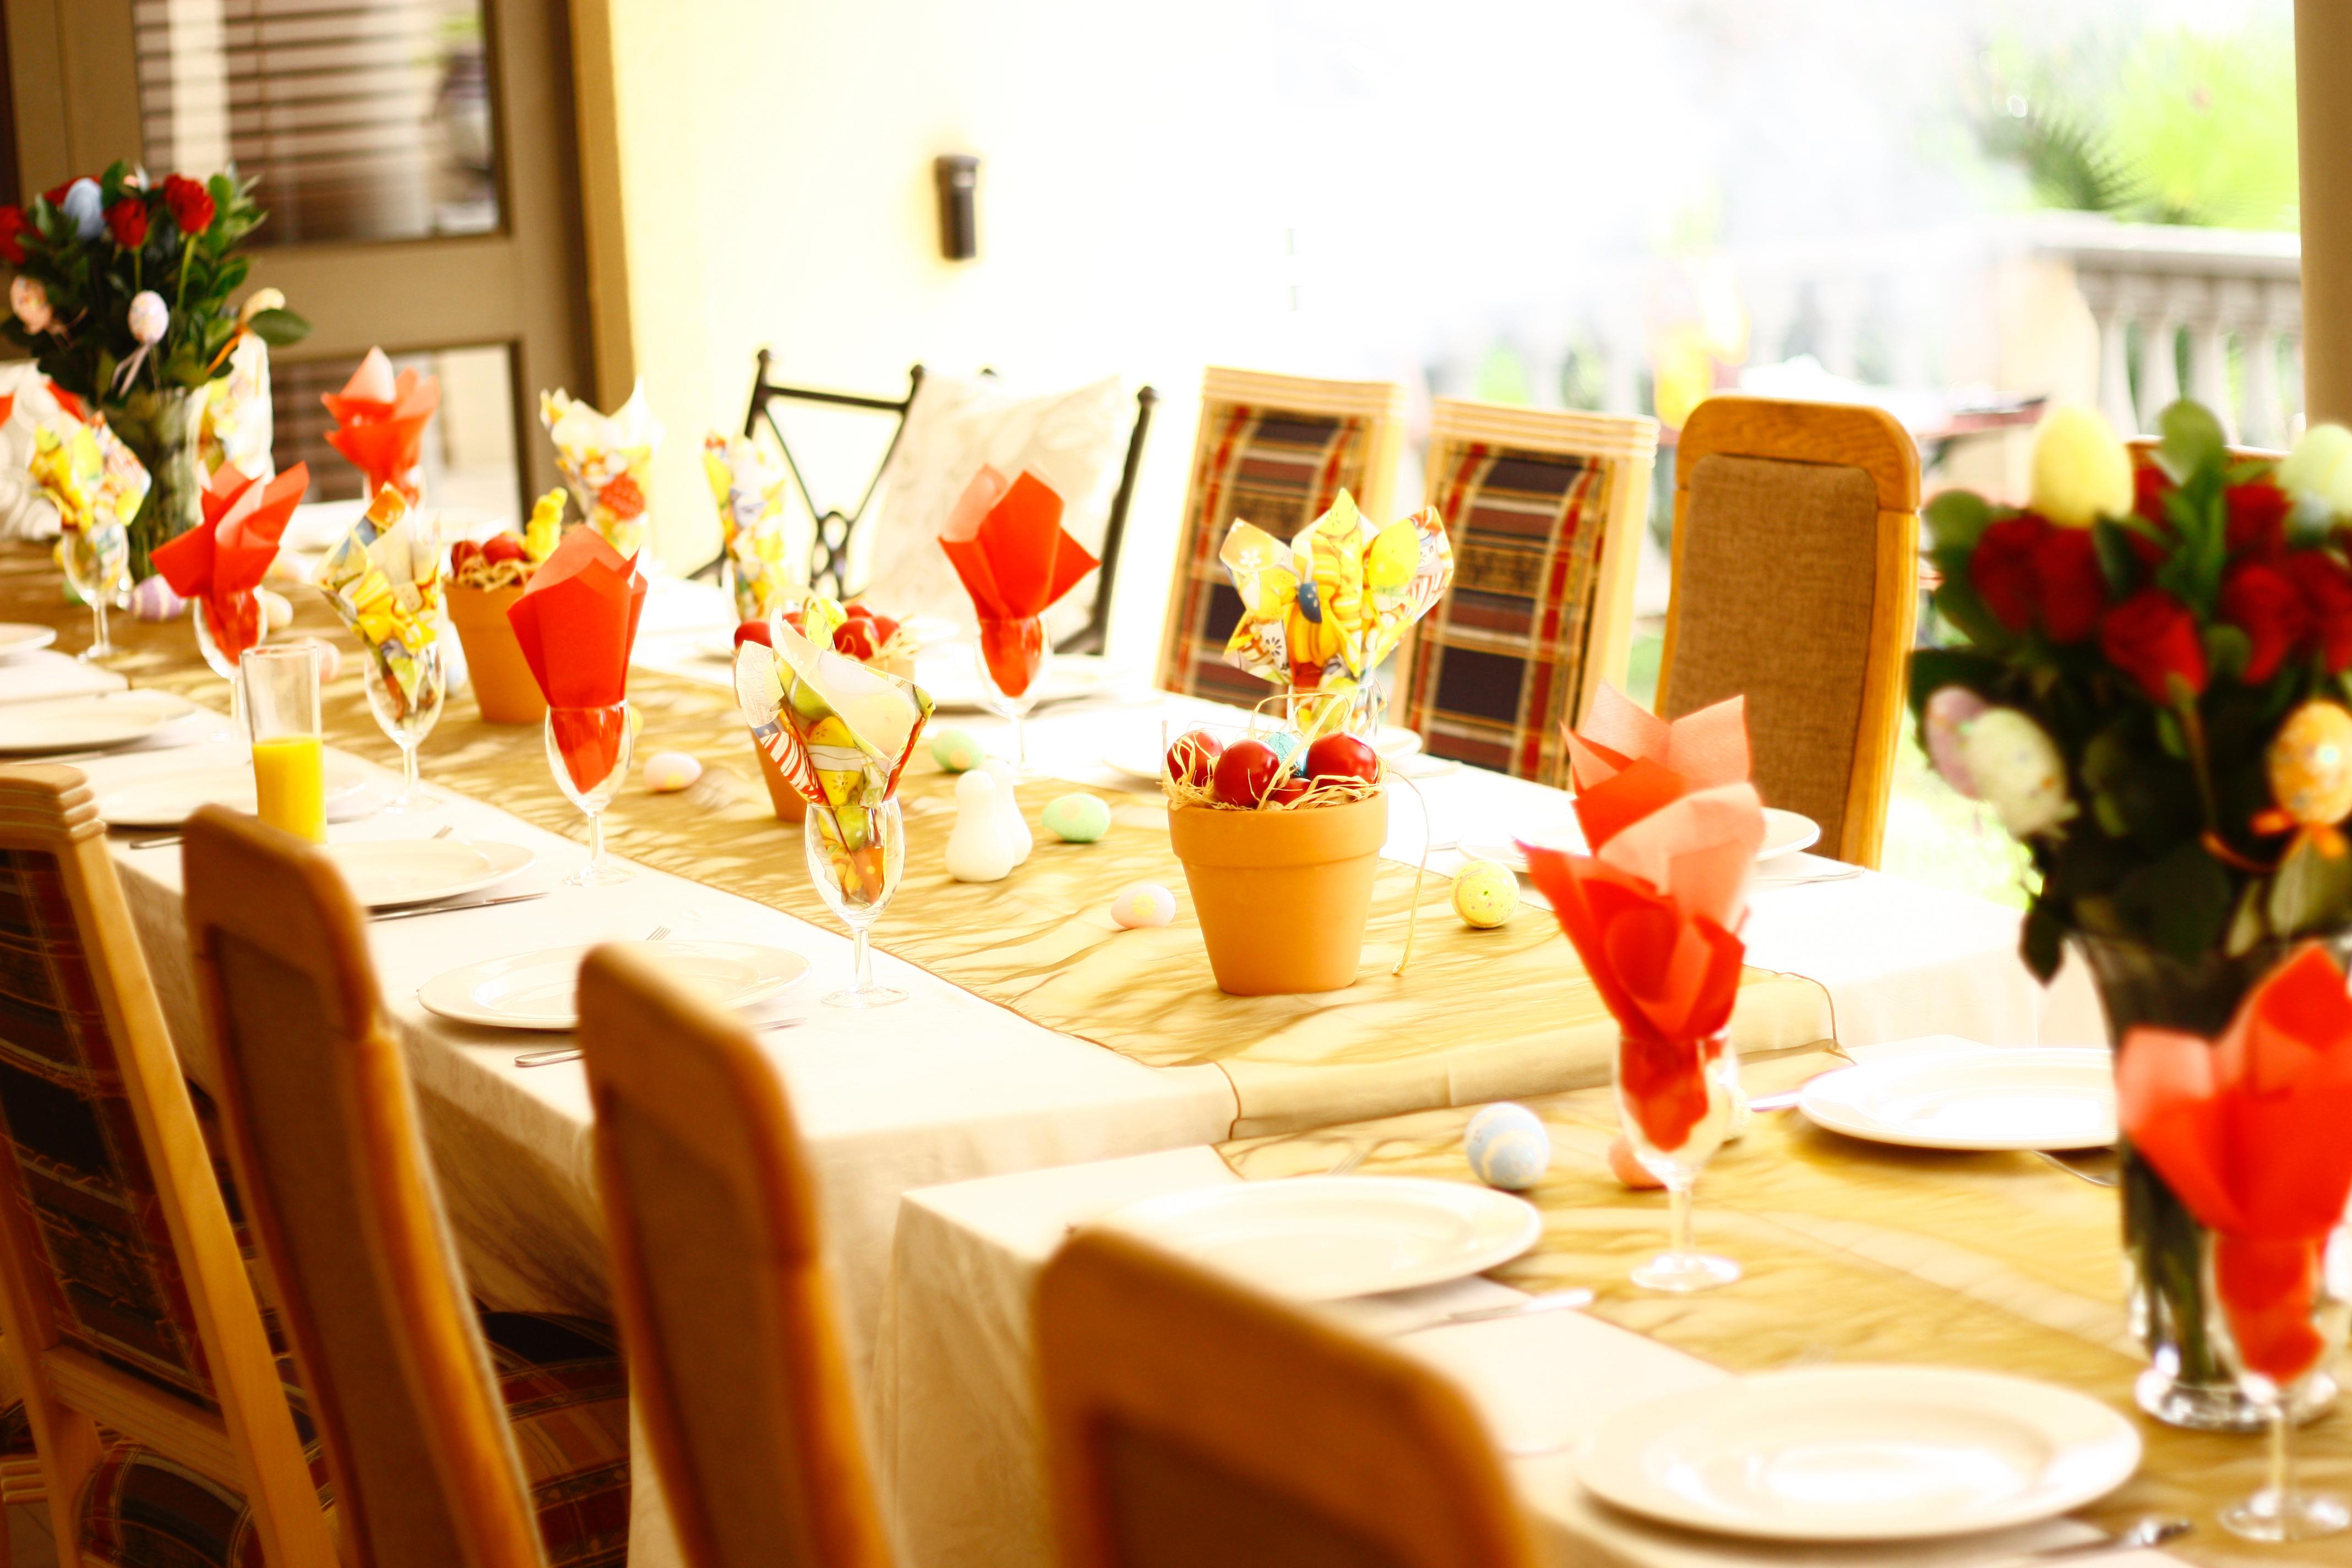 Hình Ảnh : Nhà Hàng, Bữa Ăn, Lễ Cưới, Lễ, Buổi Tiệc, Bữa Tiệc, Biến Cố,  Tiệc Cưới, Buổi Tối Tập Dượt, Hội Trường Chức Năng 4272x2848